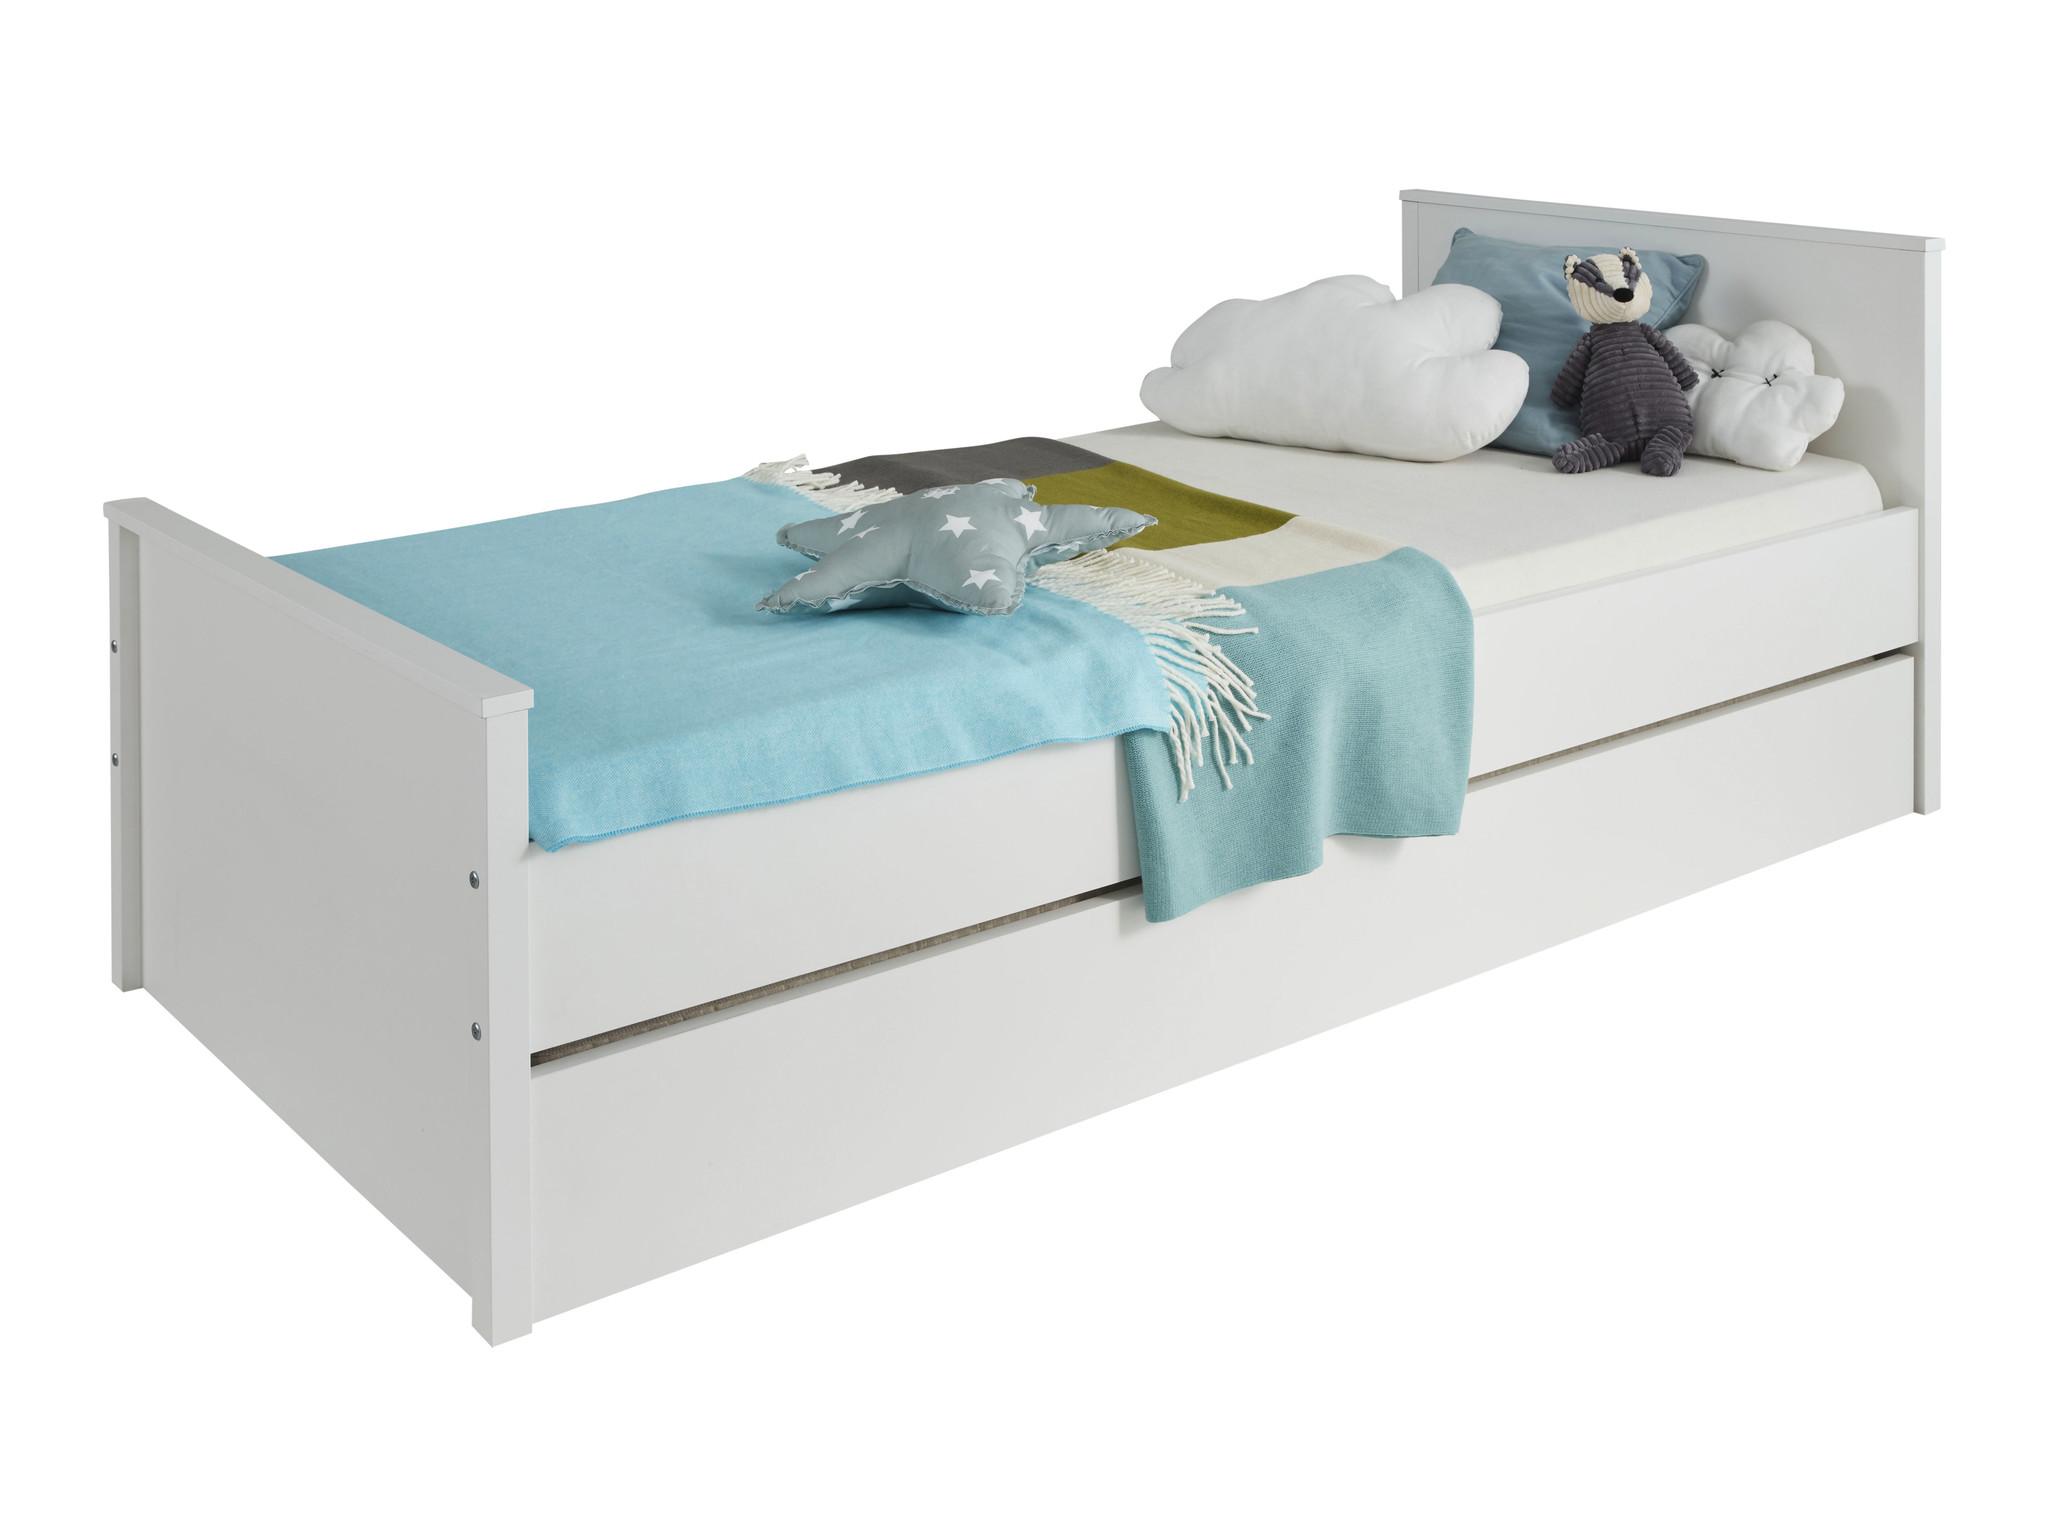 Betere Ory bed accessoire, opberglade met wielen voor onder bed, wit. IH-21